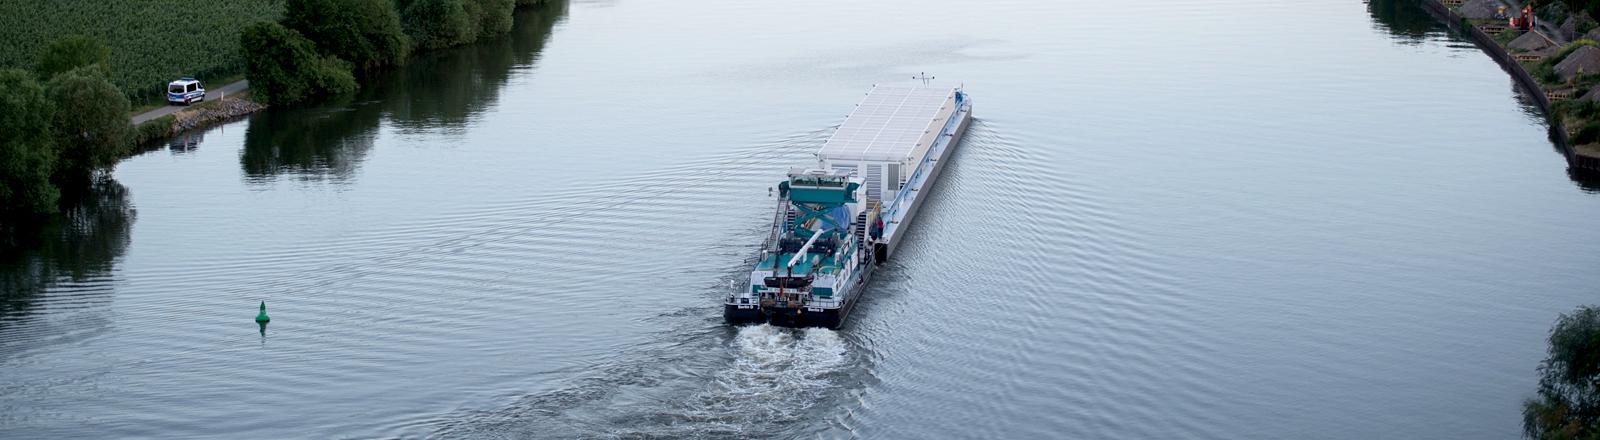 Schiff mit großen Behältern auf einem Fluss.